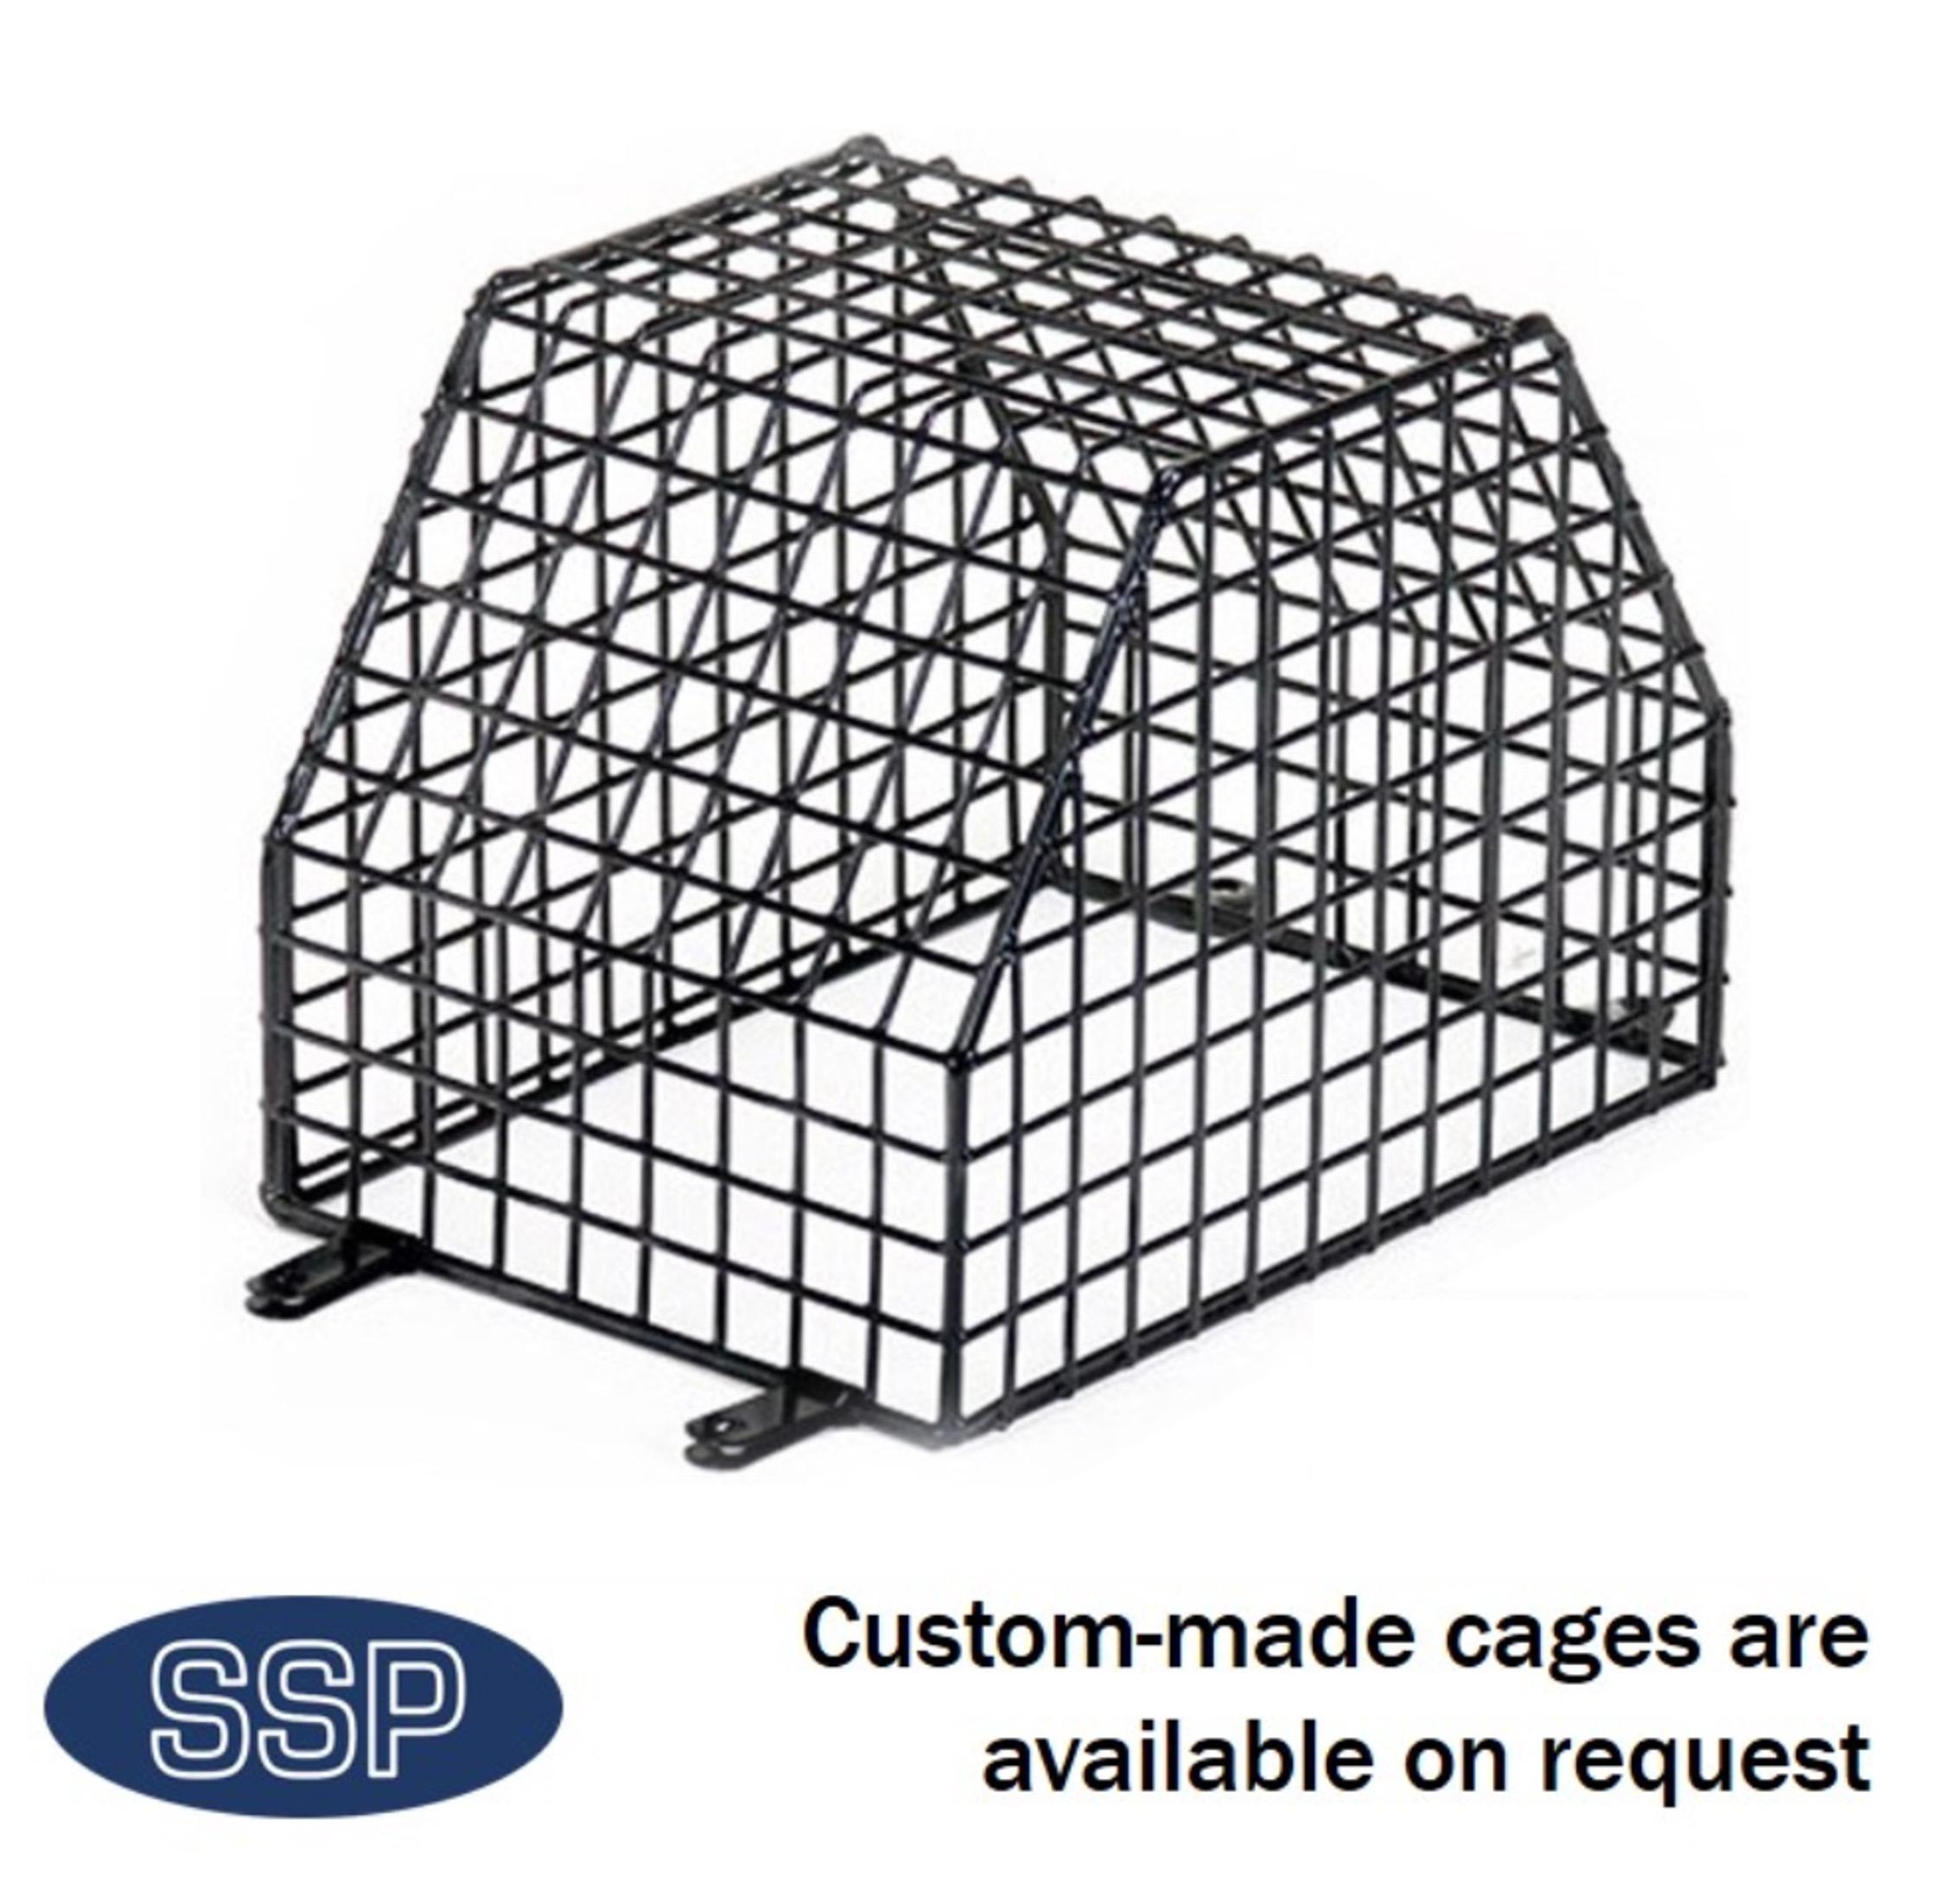 Radio detector cage